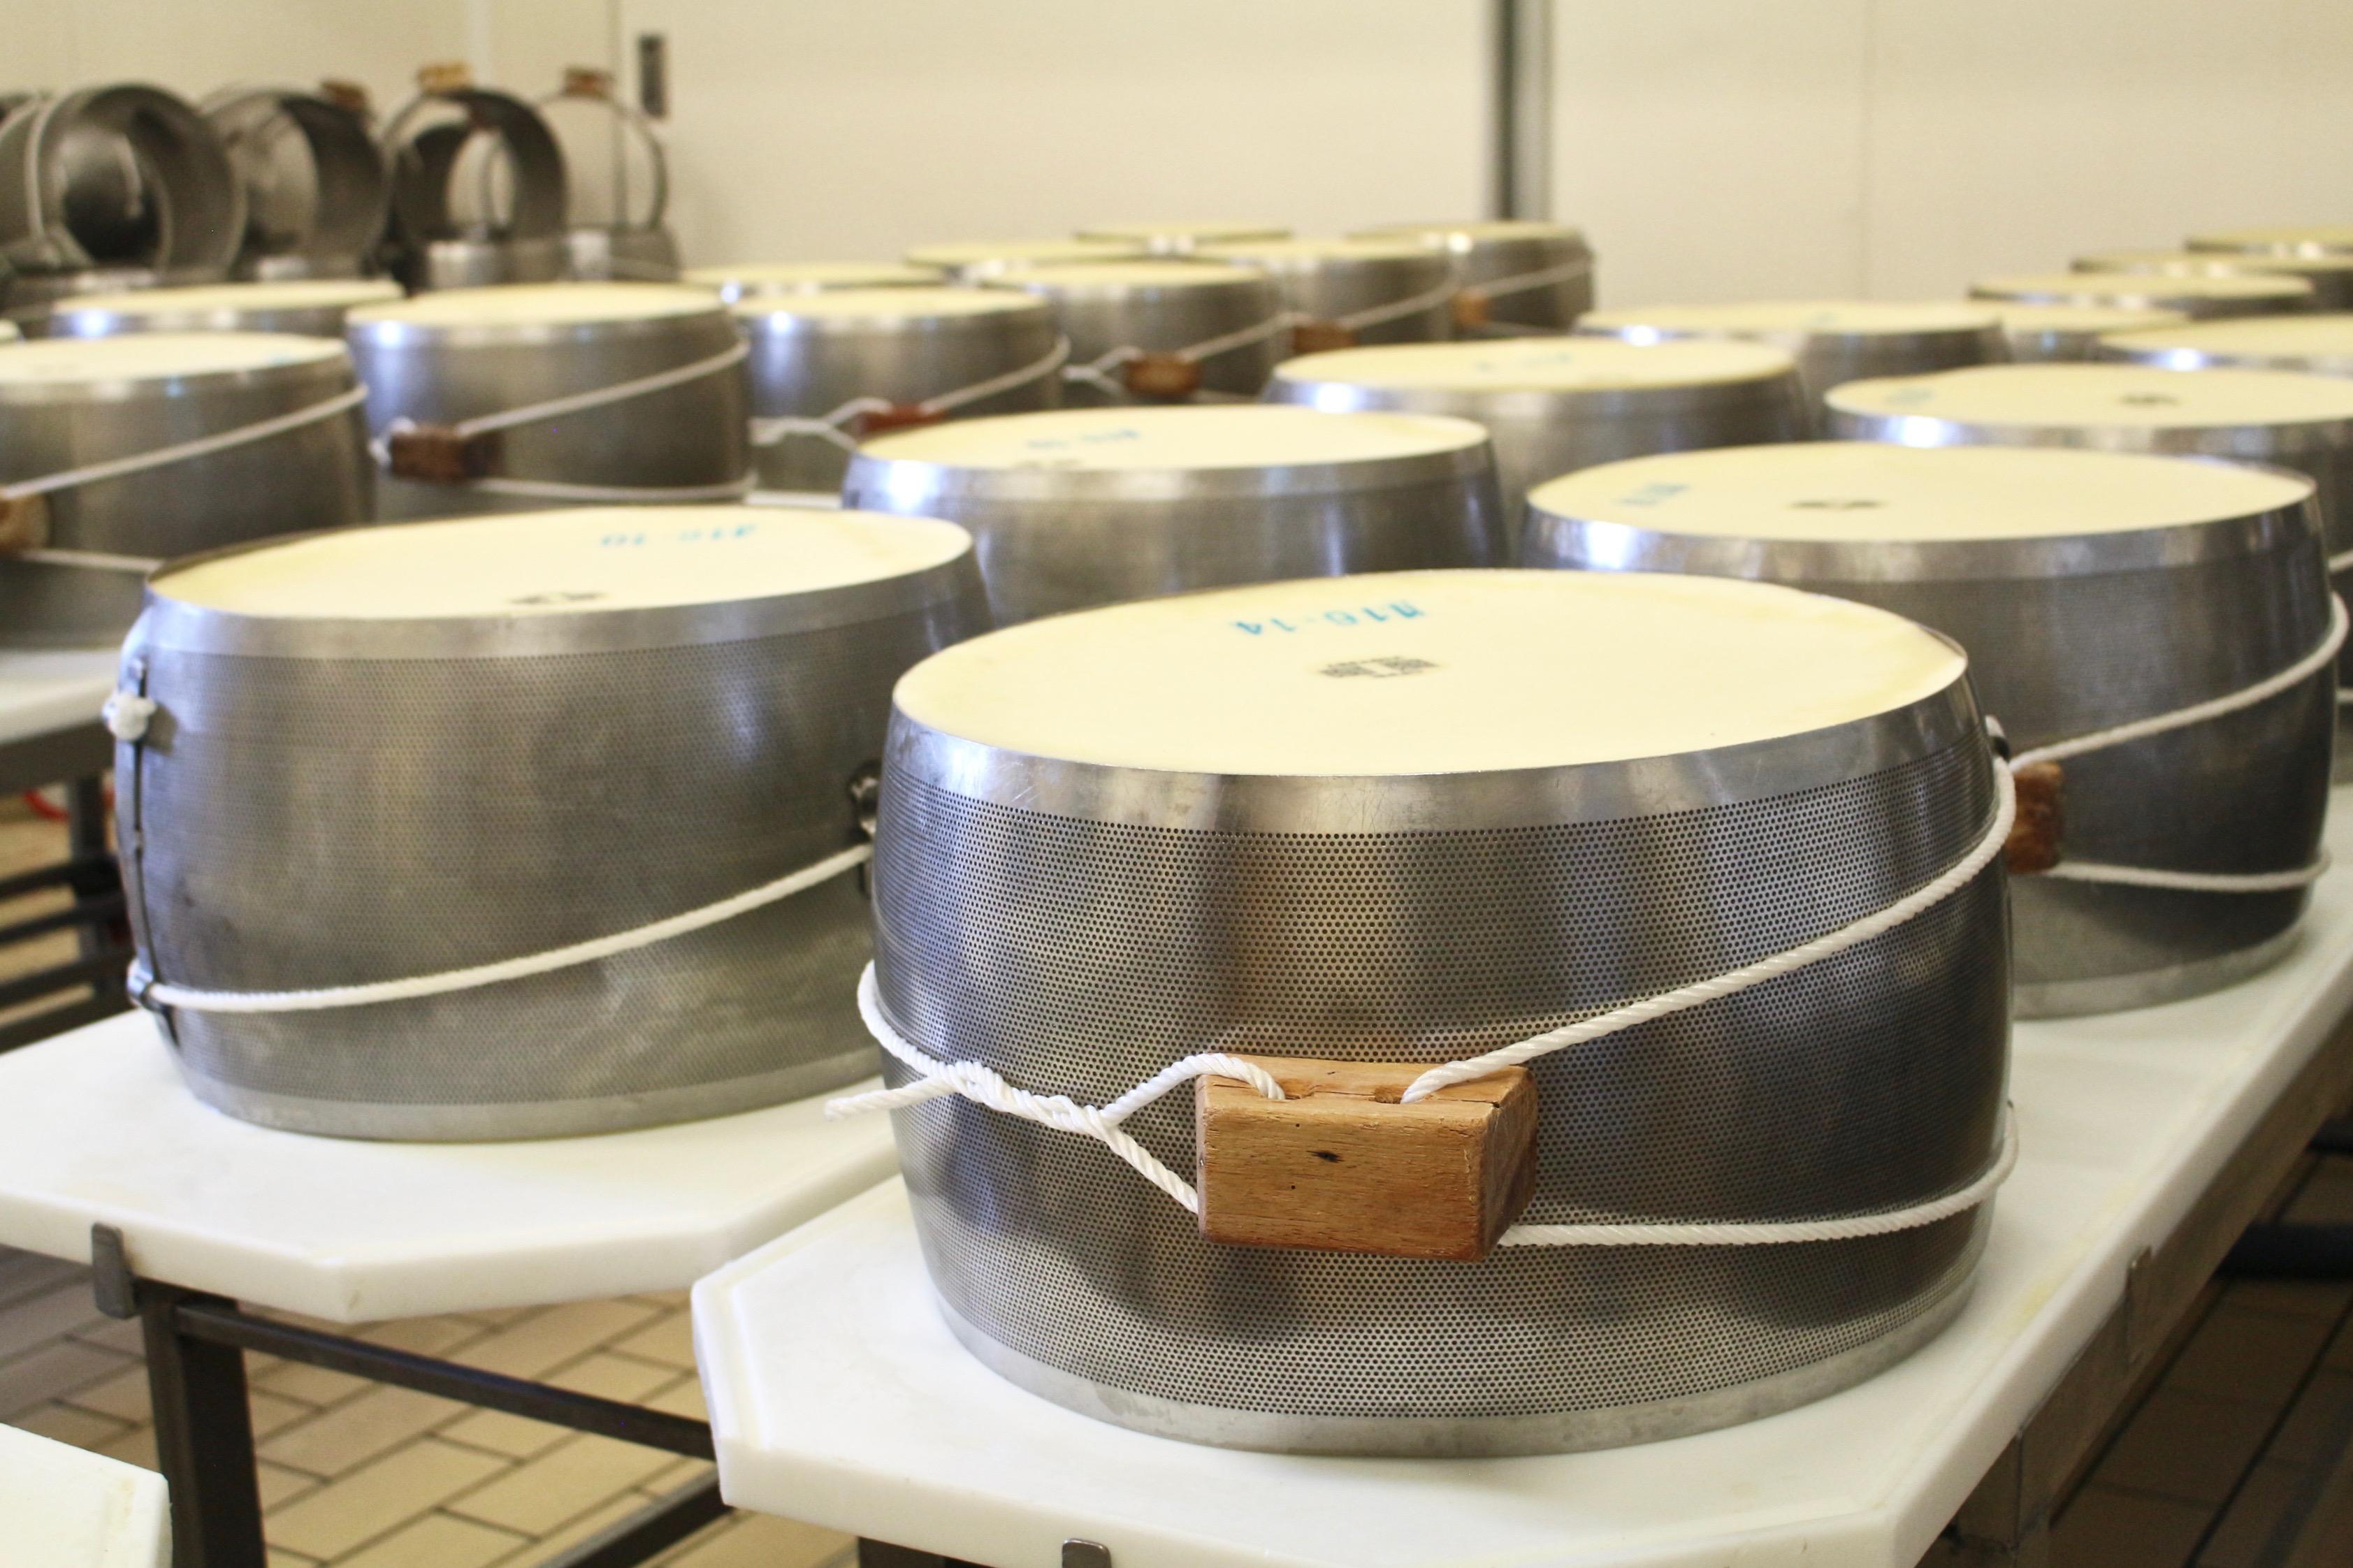 Parmigiano Reggiano metallkrage